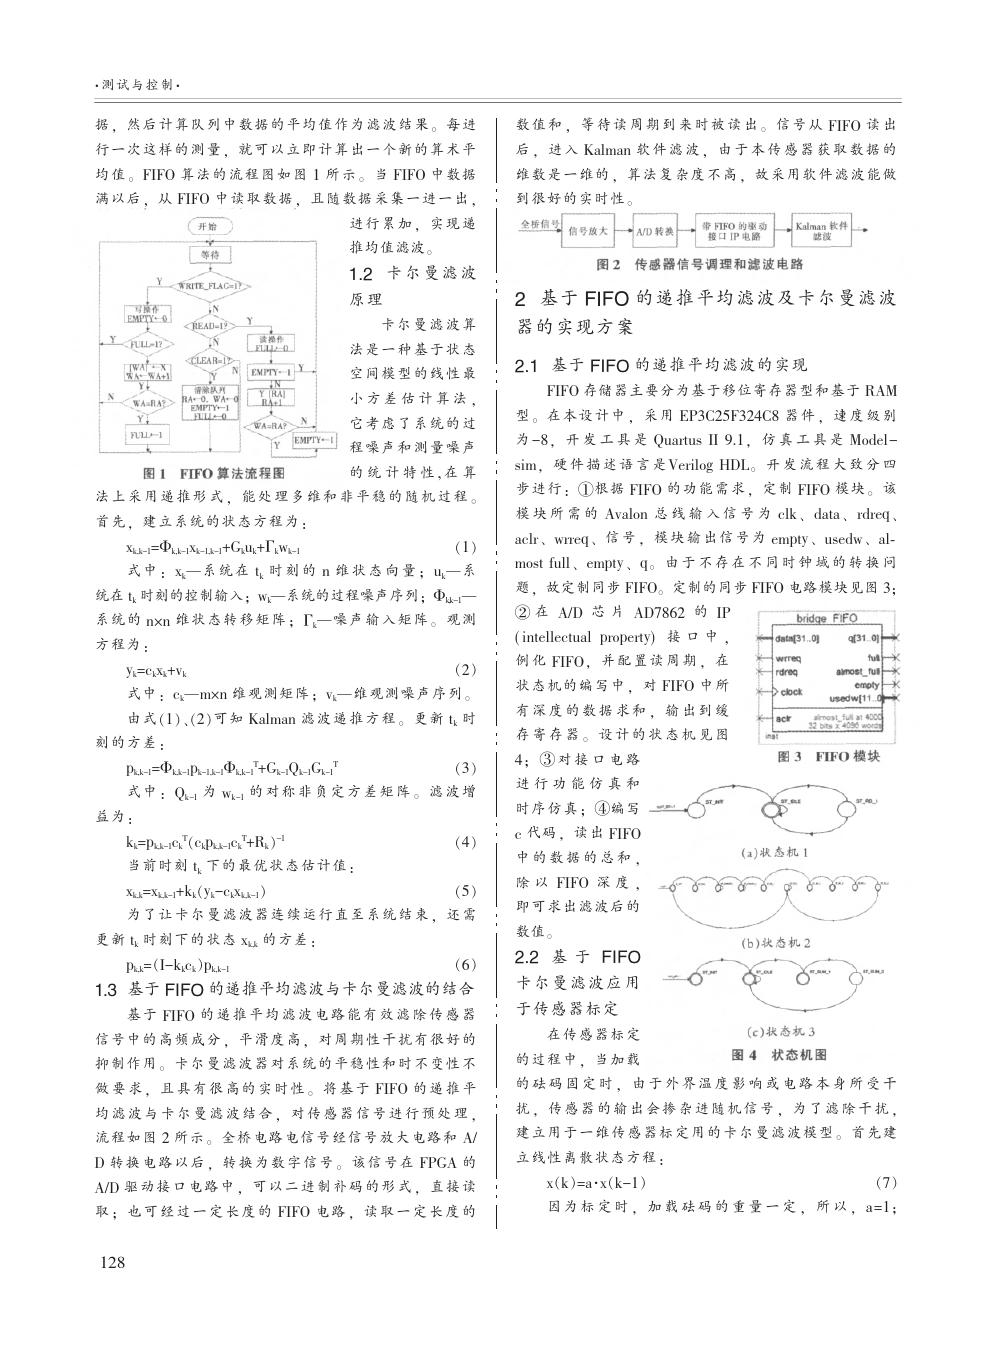 一种基于FIFO机制的卡尔曼滤波新方法